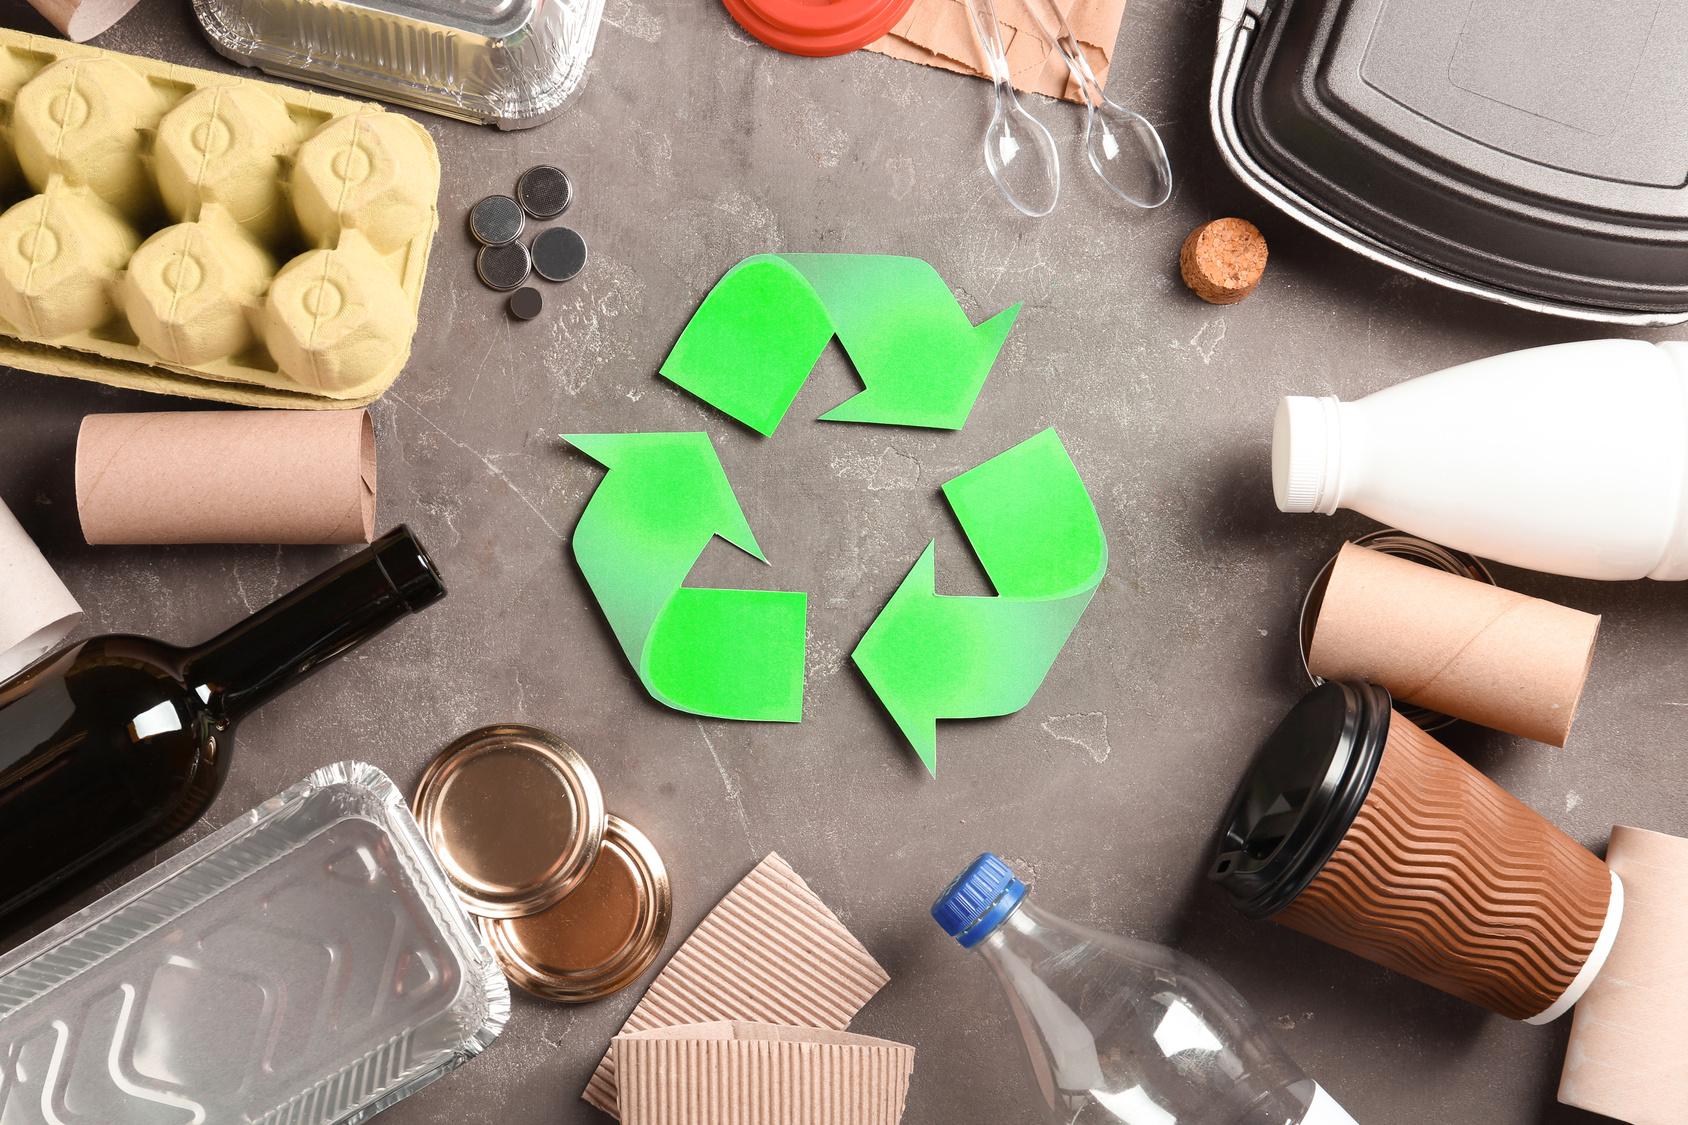 Ein Abfallbeauftragter und seine Aufgaben im Unternehmen